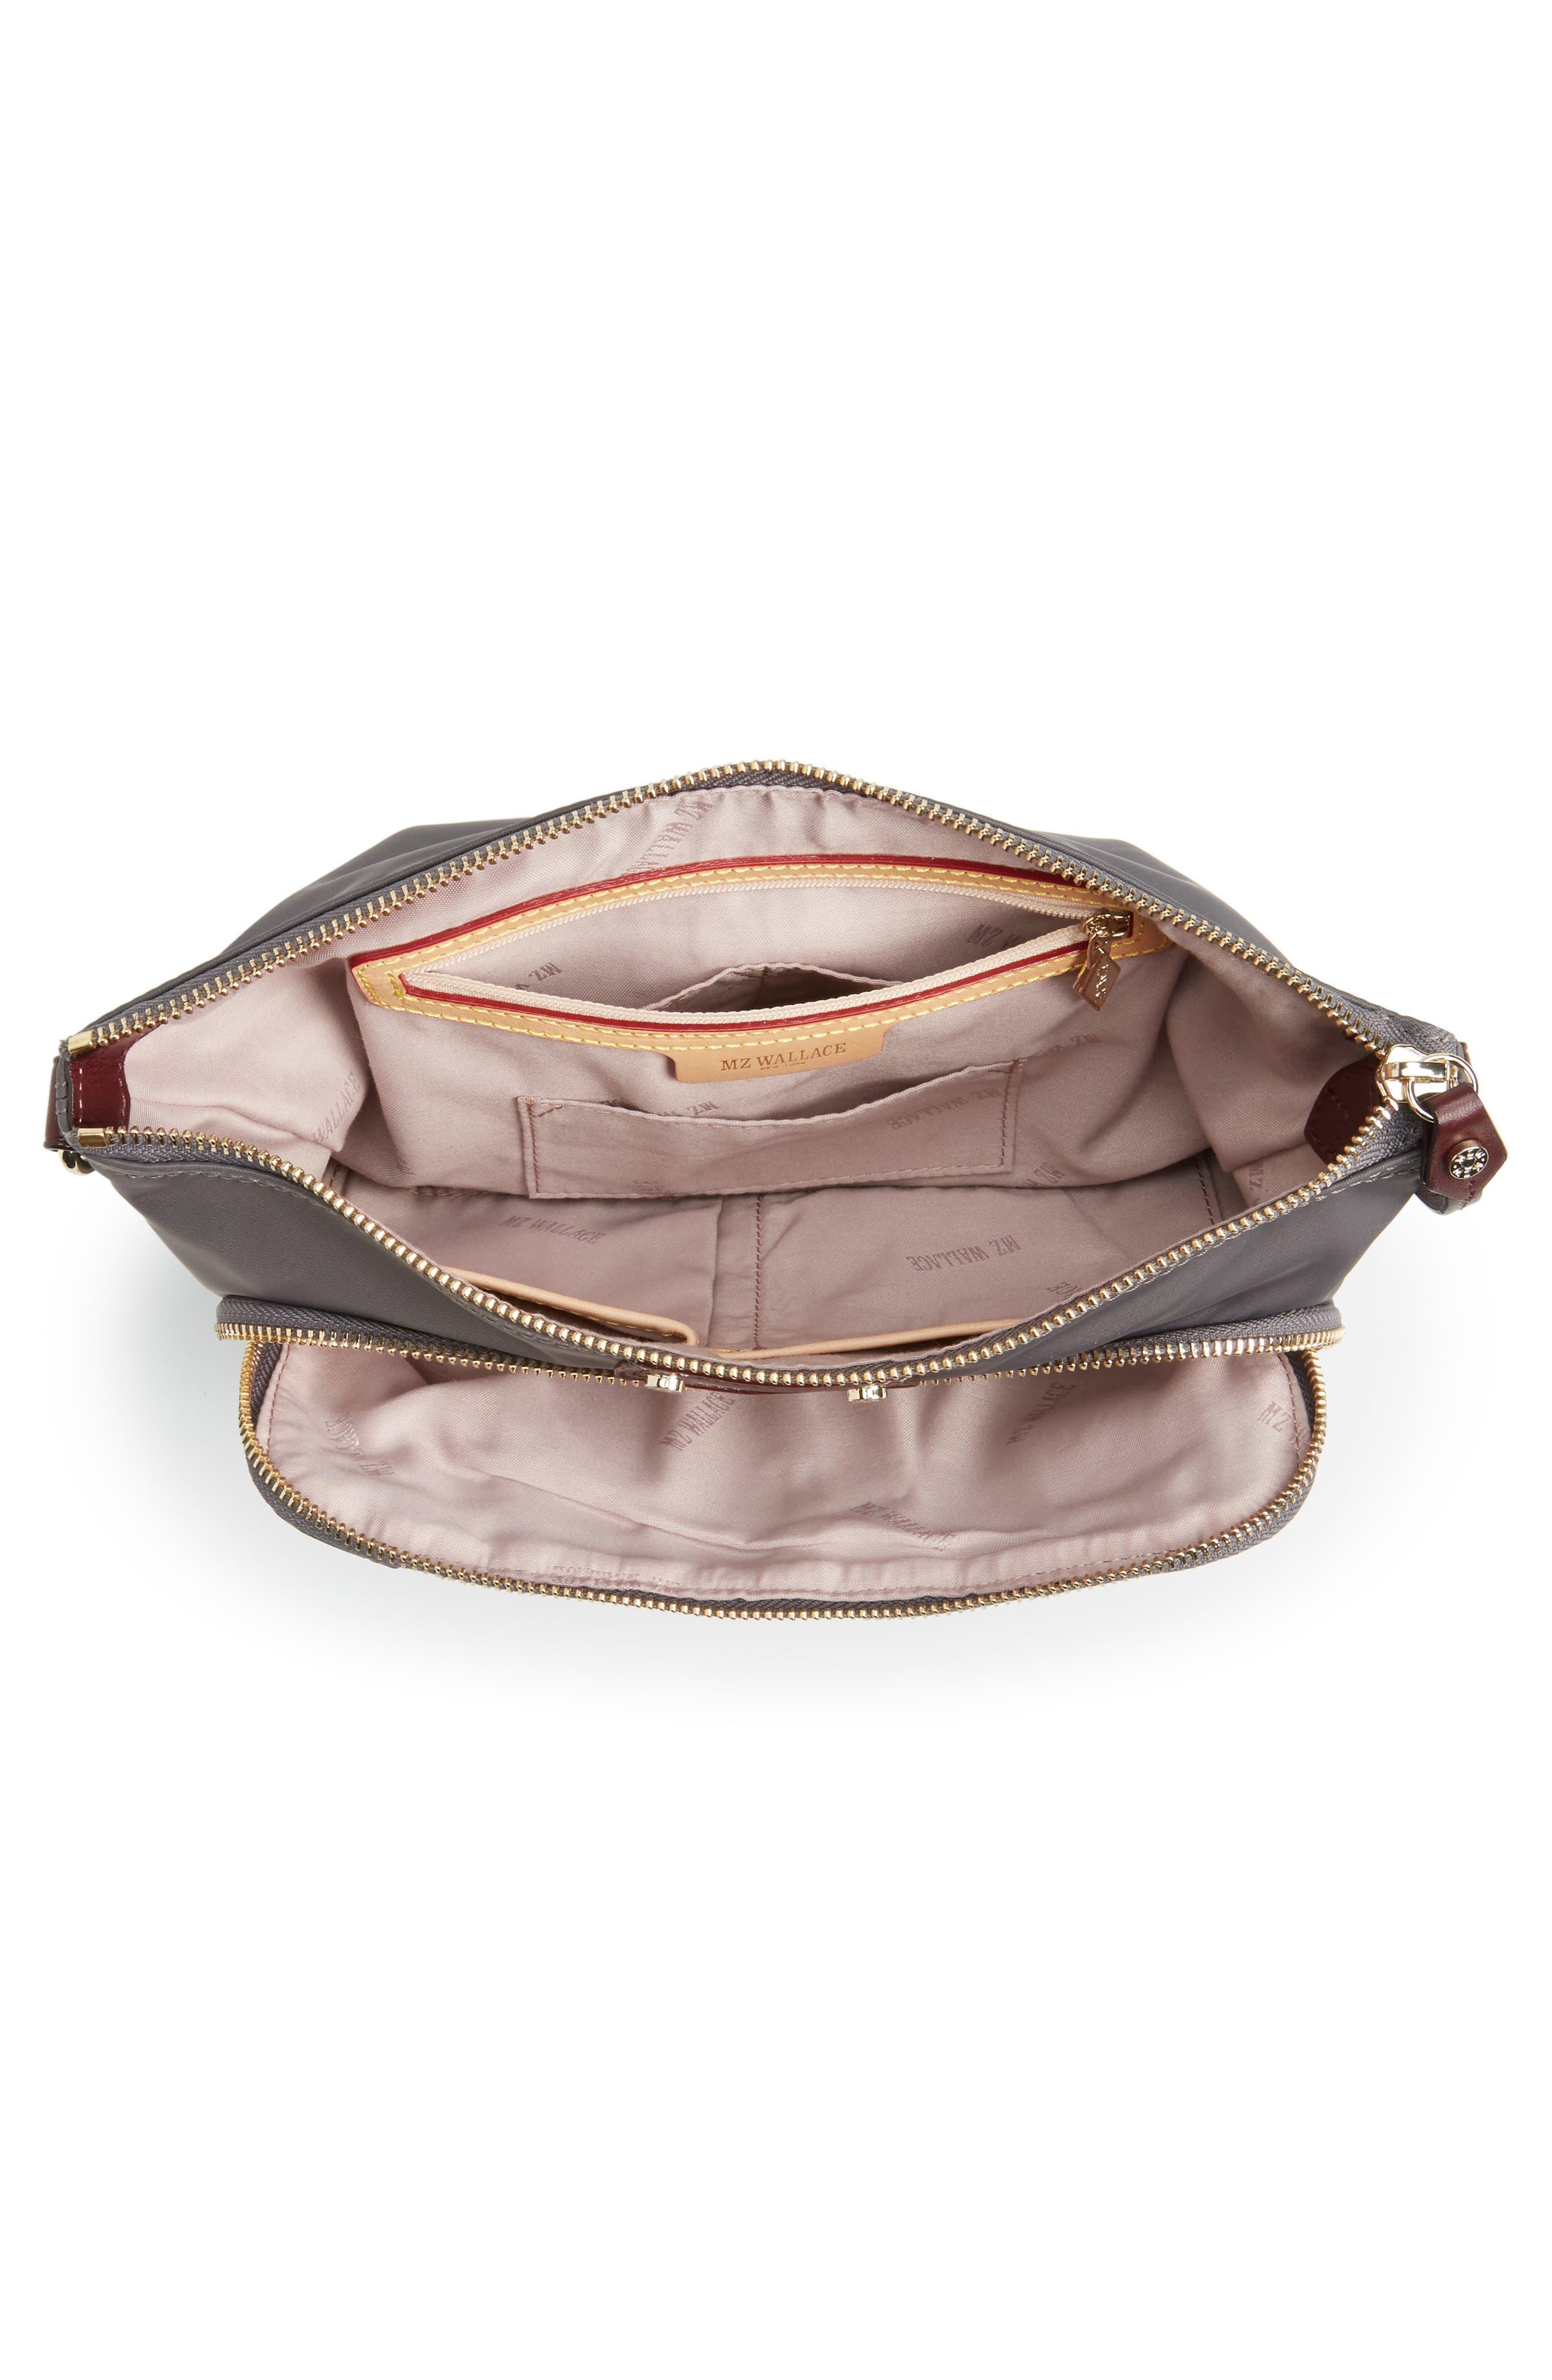 Toni Bedford Nylon Crossbody Bag,                             Alternate thumbnail 4, color,                             Magnet